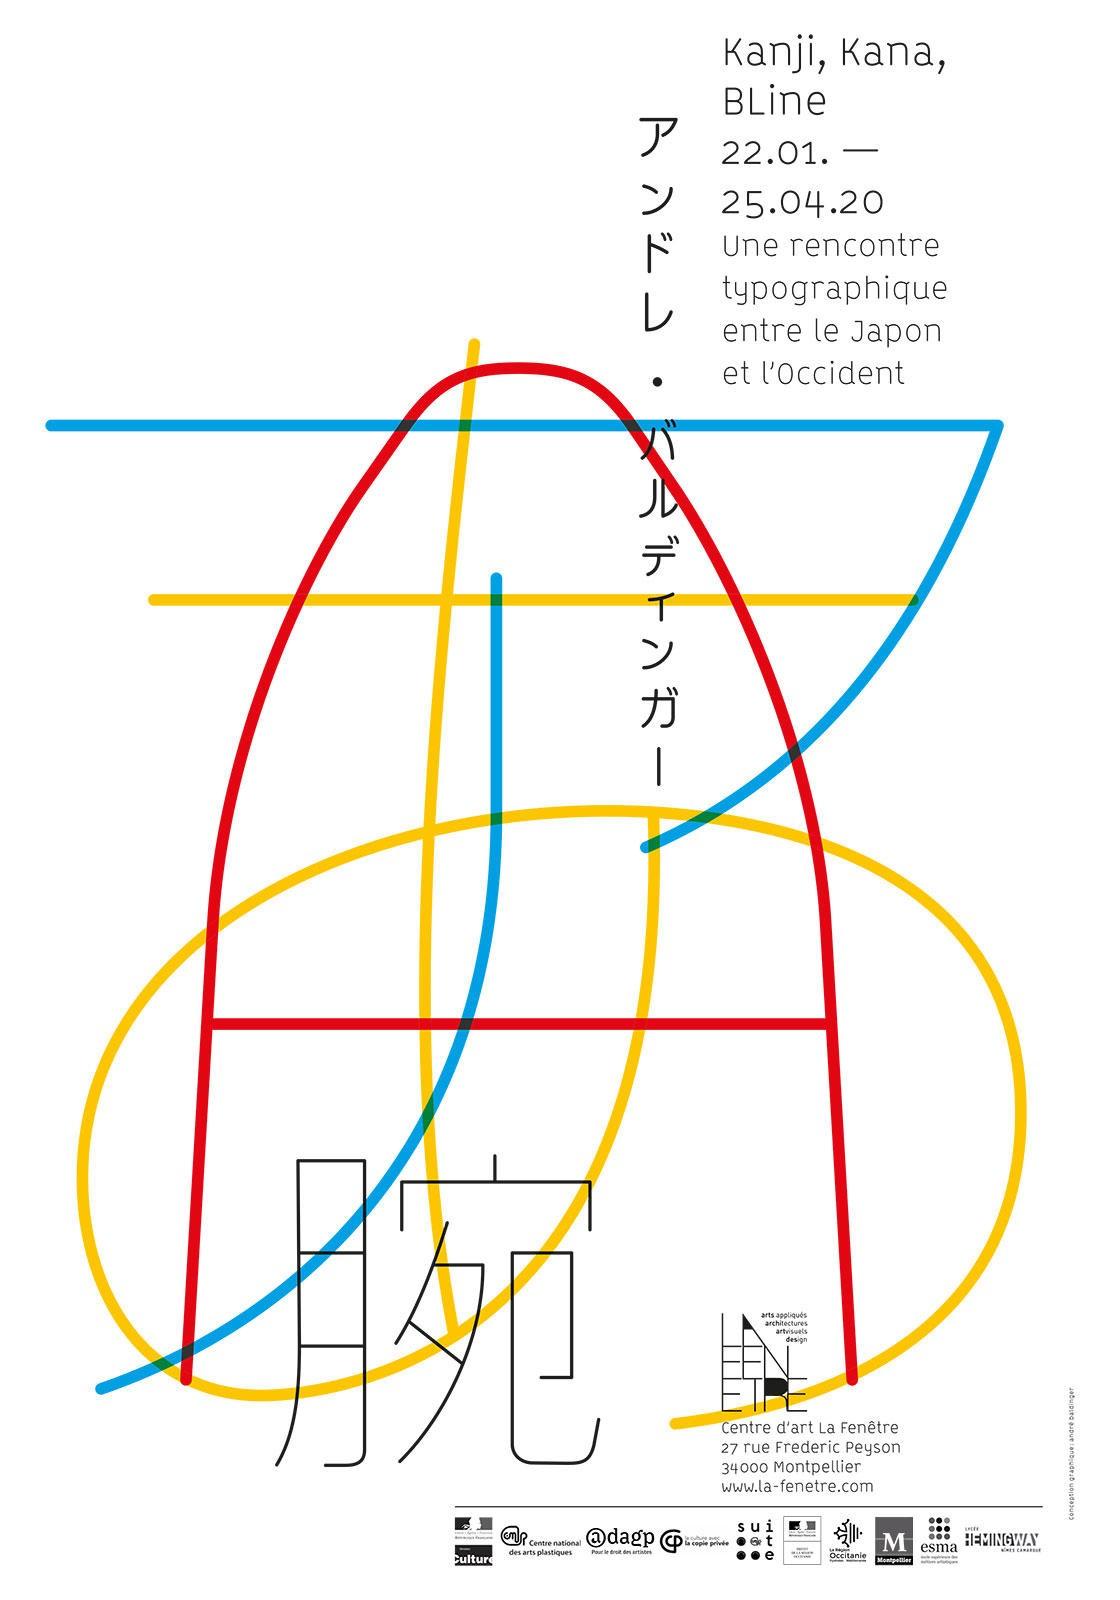 165702_baldinger-expo-japon_latin-web.jpg?itok=e4-05or3